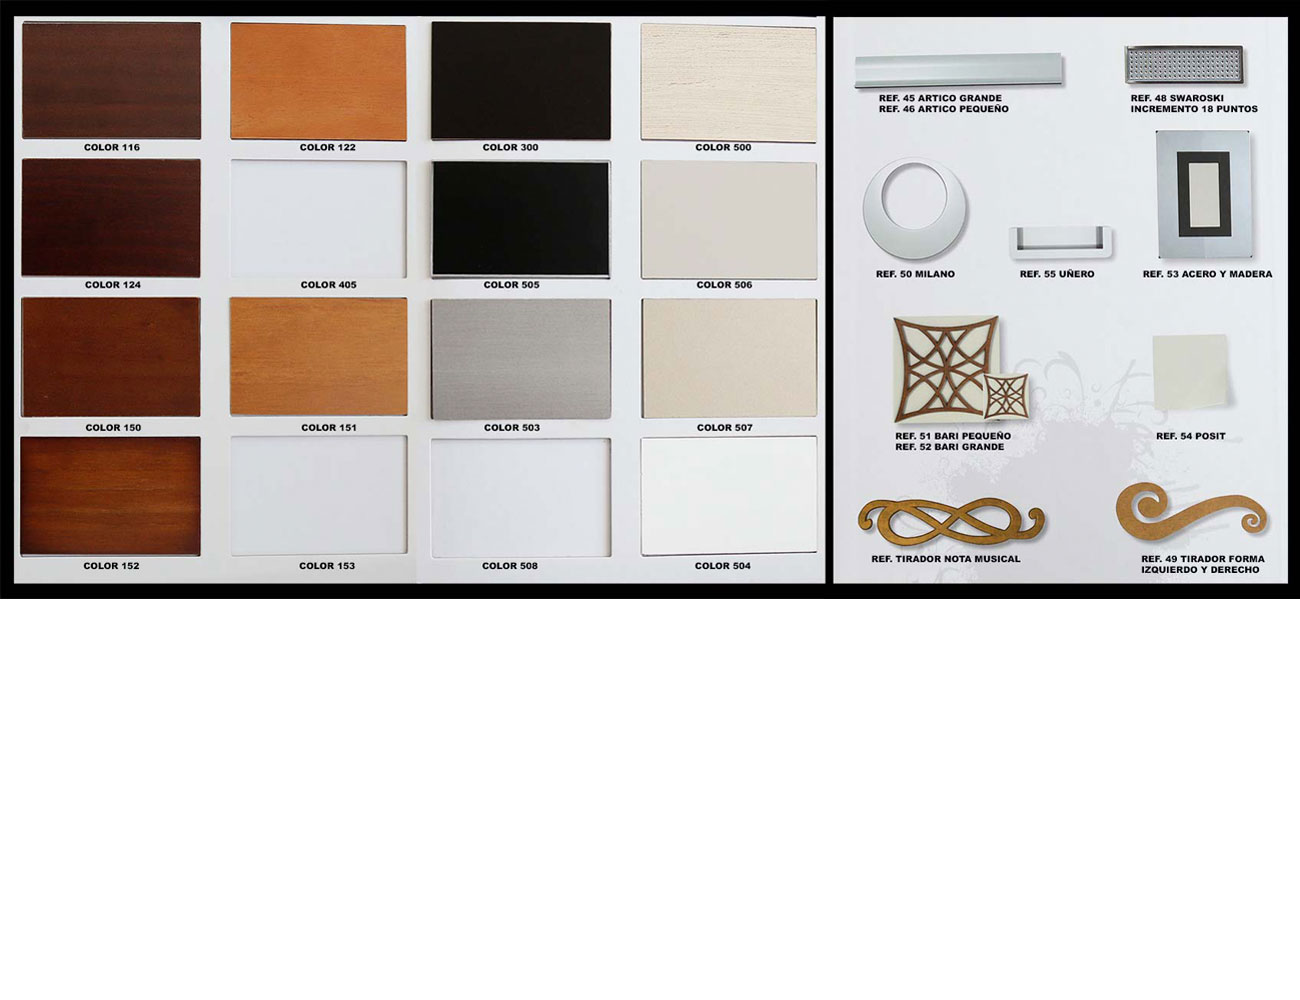 Colores tiradores24